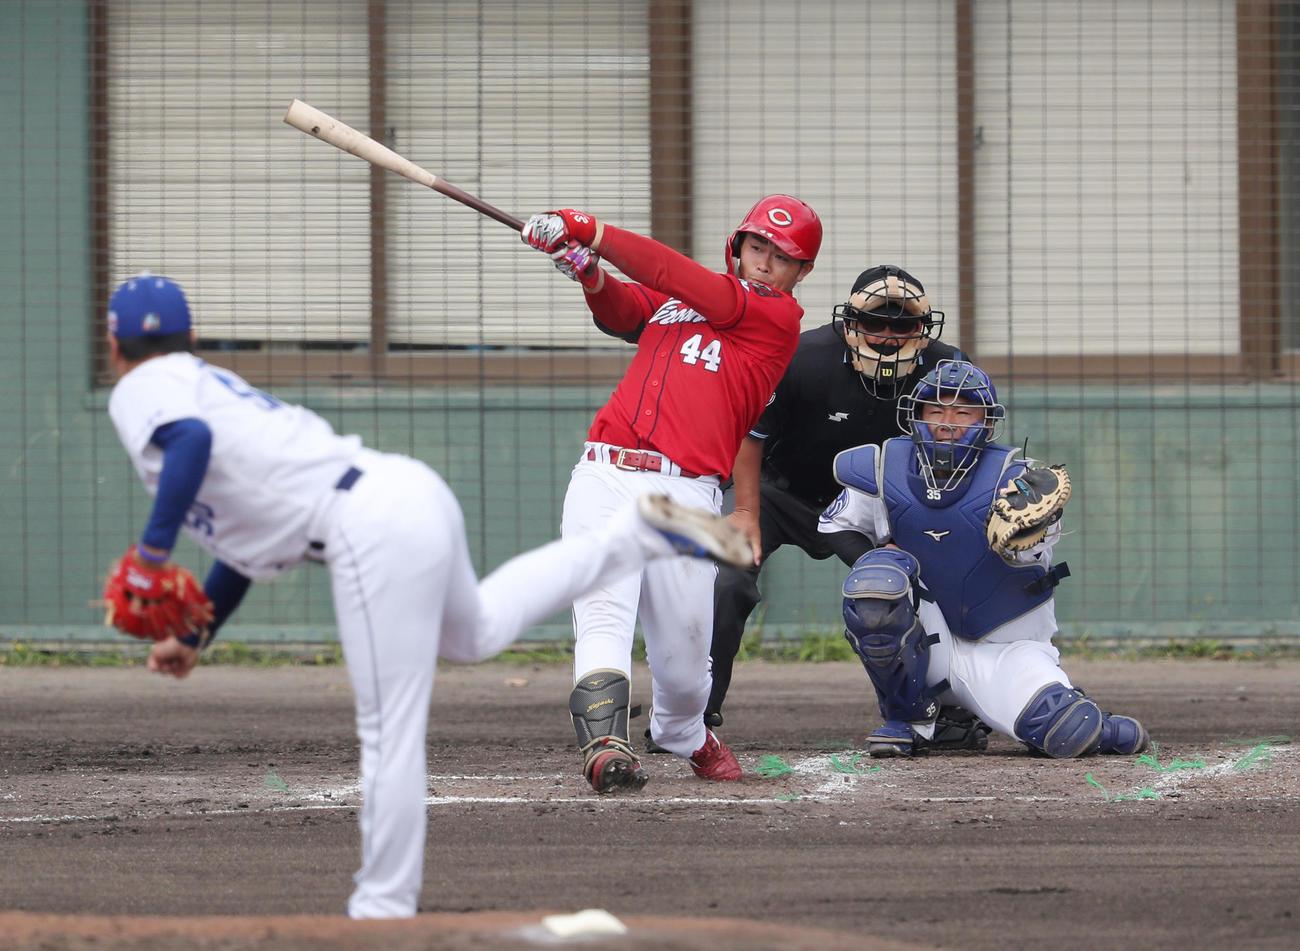 中日対広島 3回表広島無死、右前打を放つ林。投手清水(撮影・前田充)